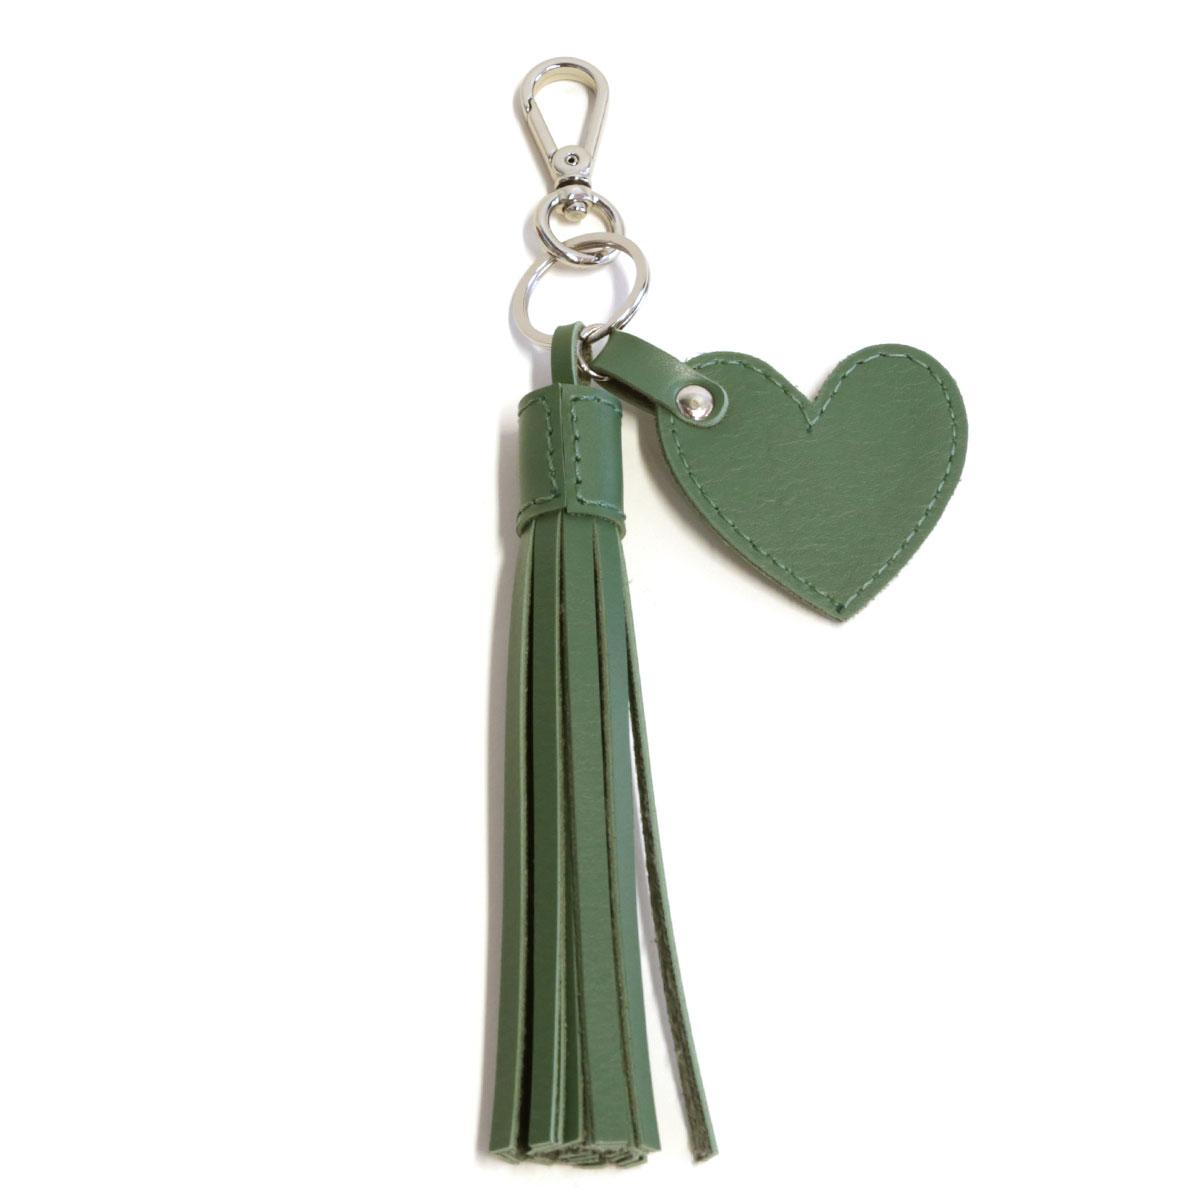 Chaveiro franja e coração (Montana Verde Musgo)